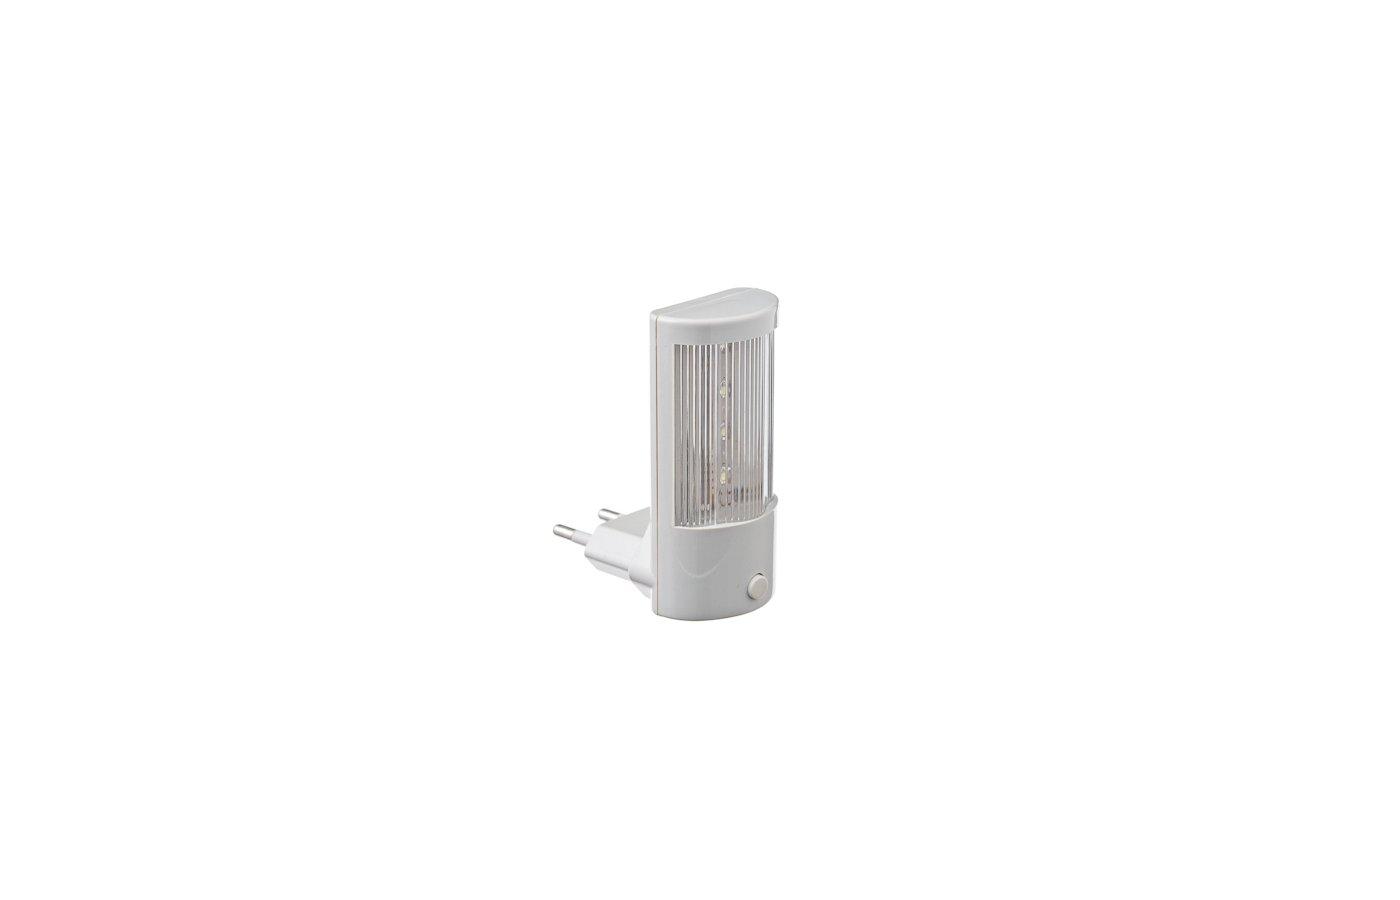 Декоративный светильник 920-011 Ночник светодиодный пластиковый с выключателем 220В